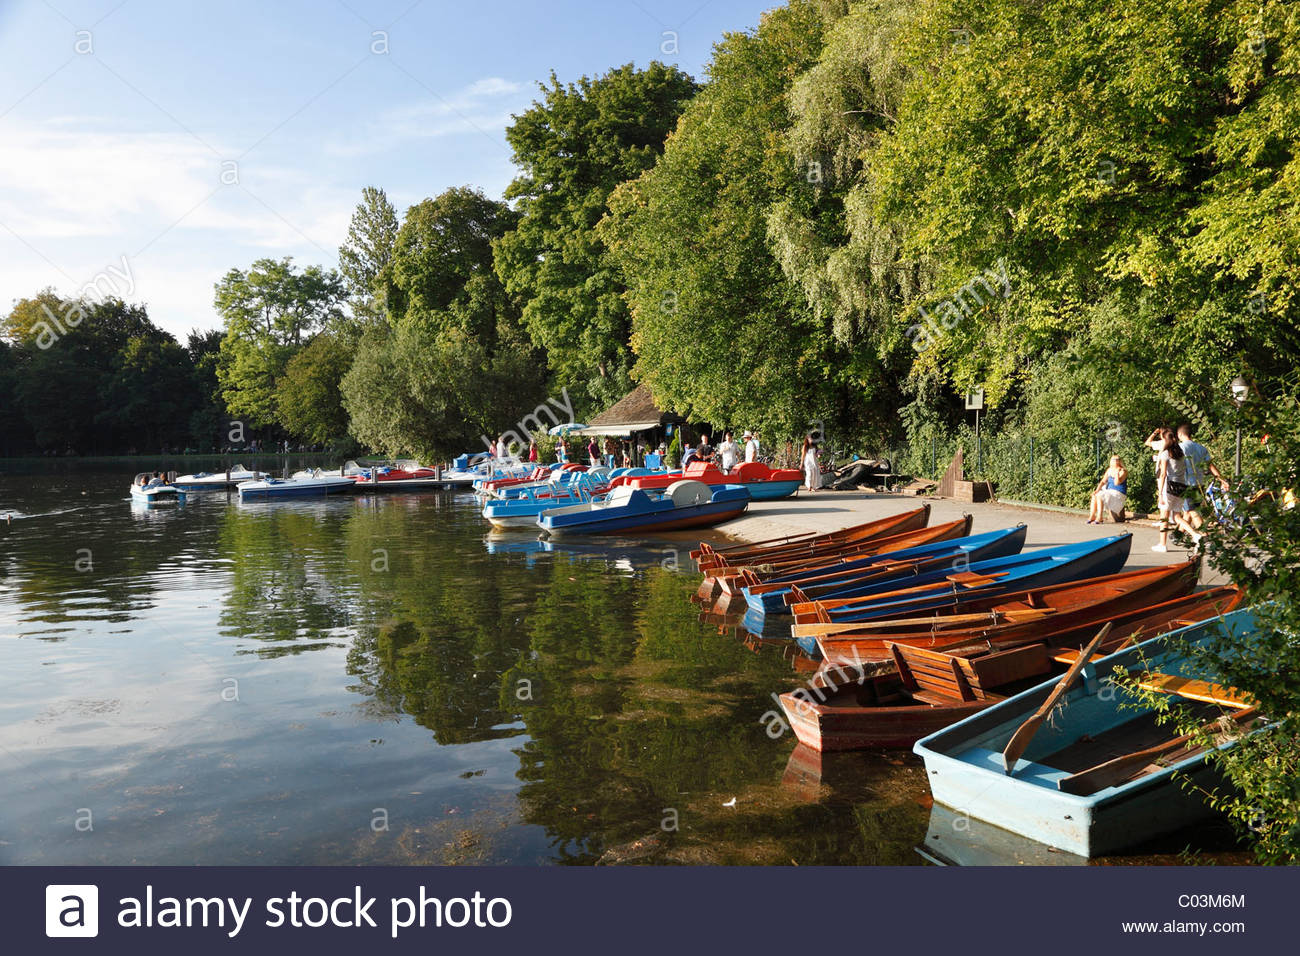 boat rental kleinhesseloher see lake englischer garten park munich C03M6M